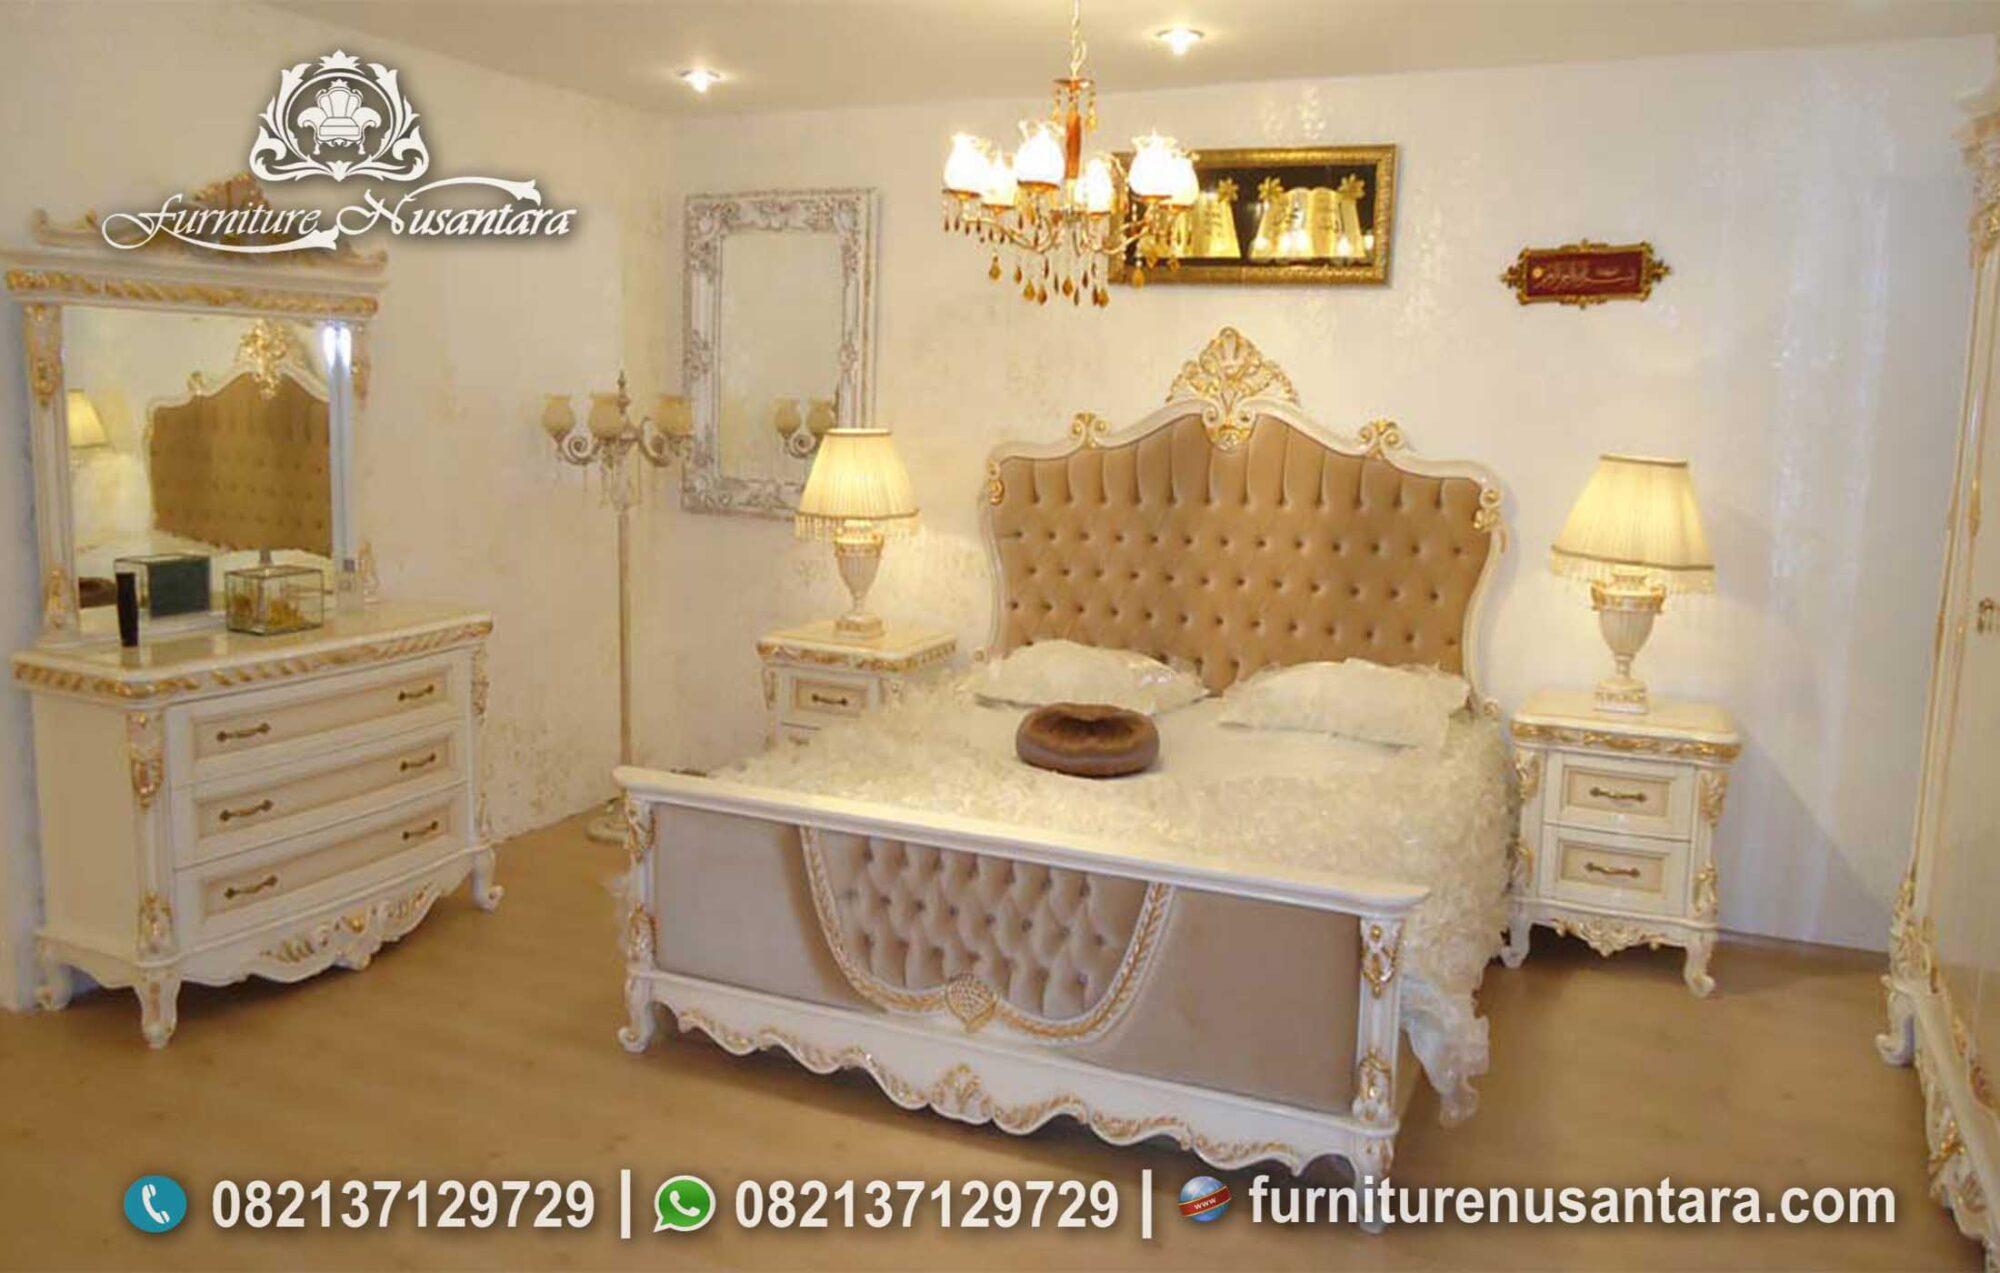 Jual Set Kamar Klasik Modern KS-117, Furniture Nusantara